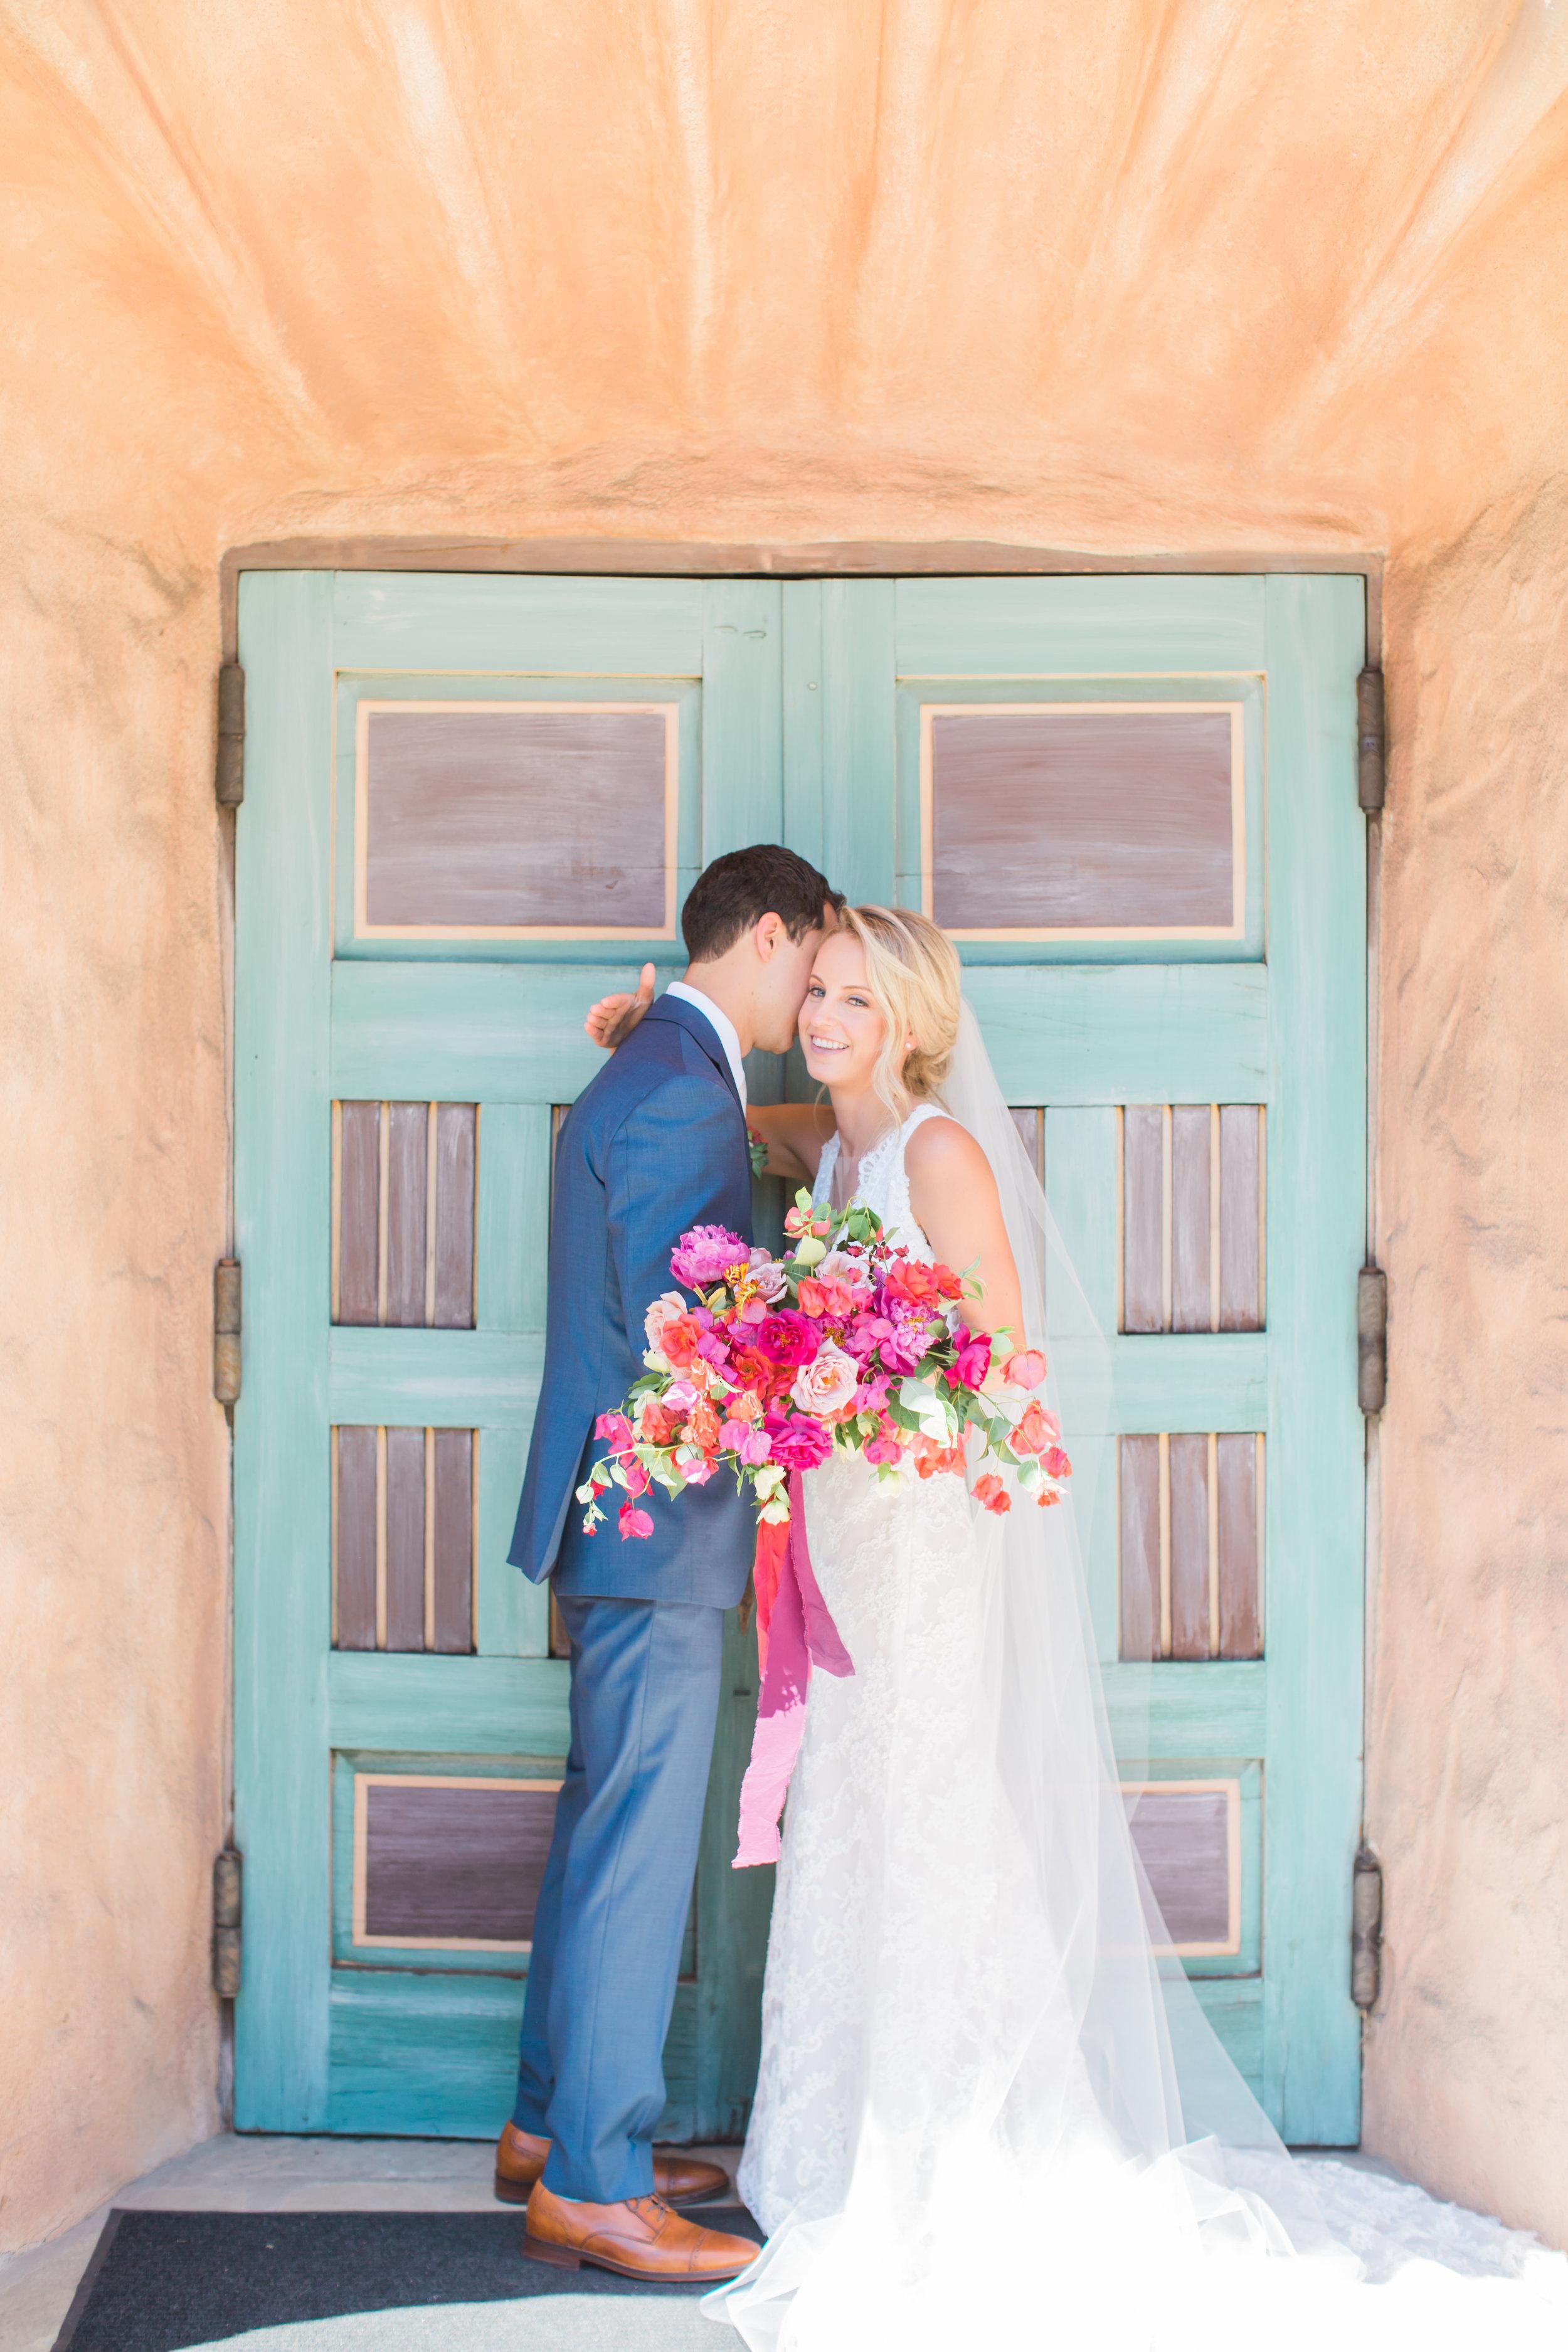 Lisa Leedy- Lauren Nachazel Wedding